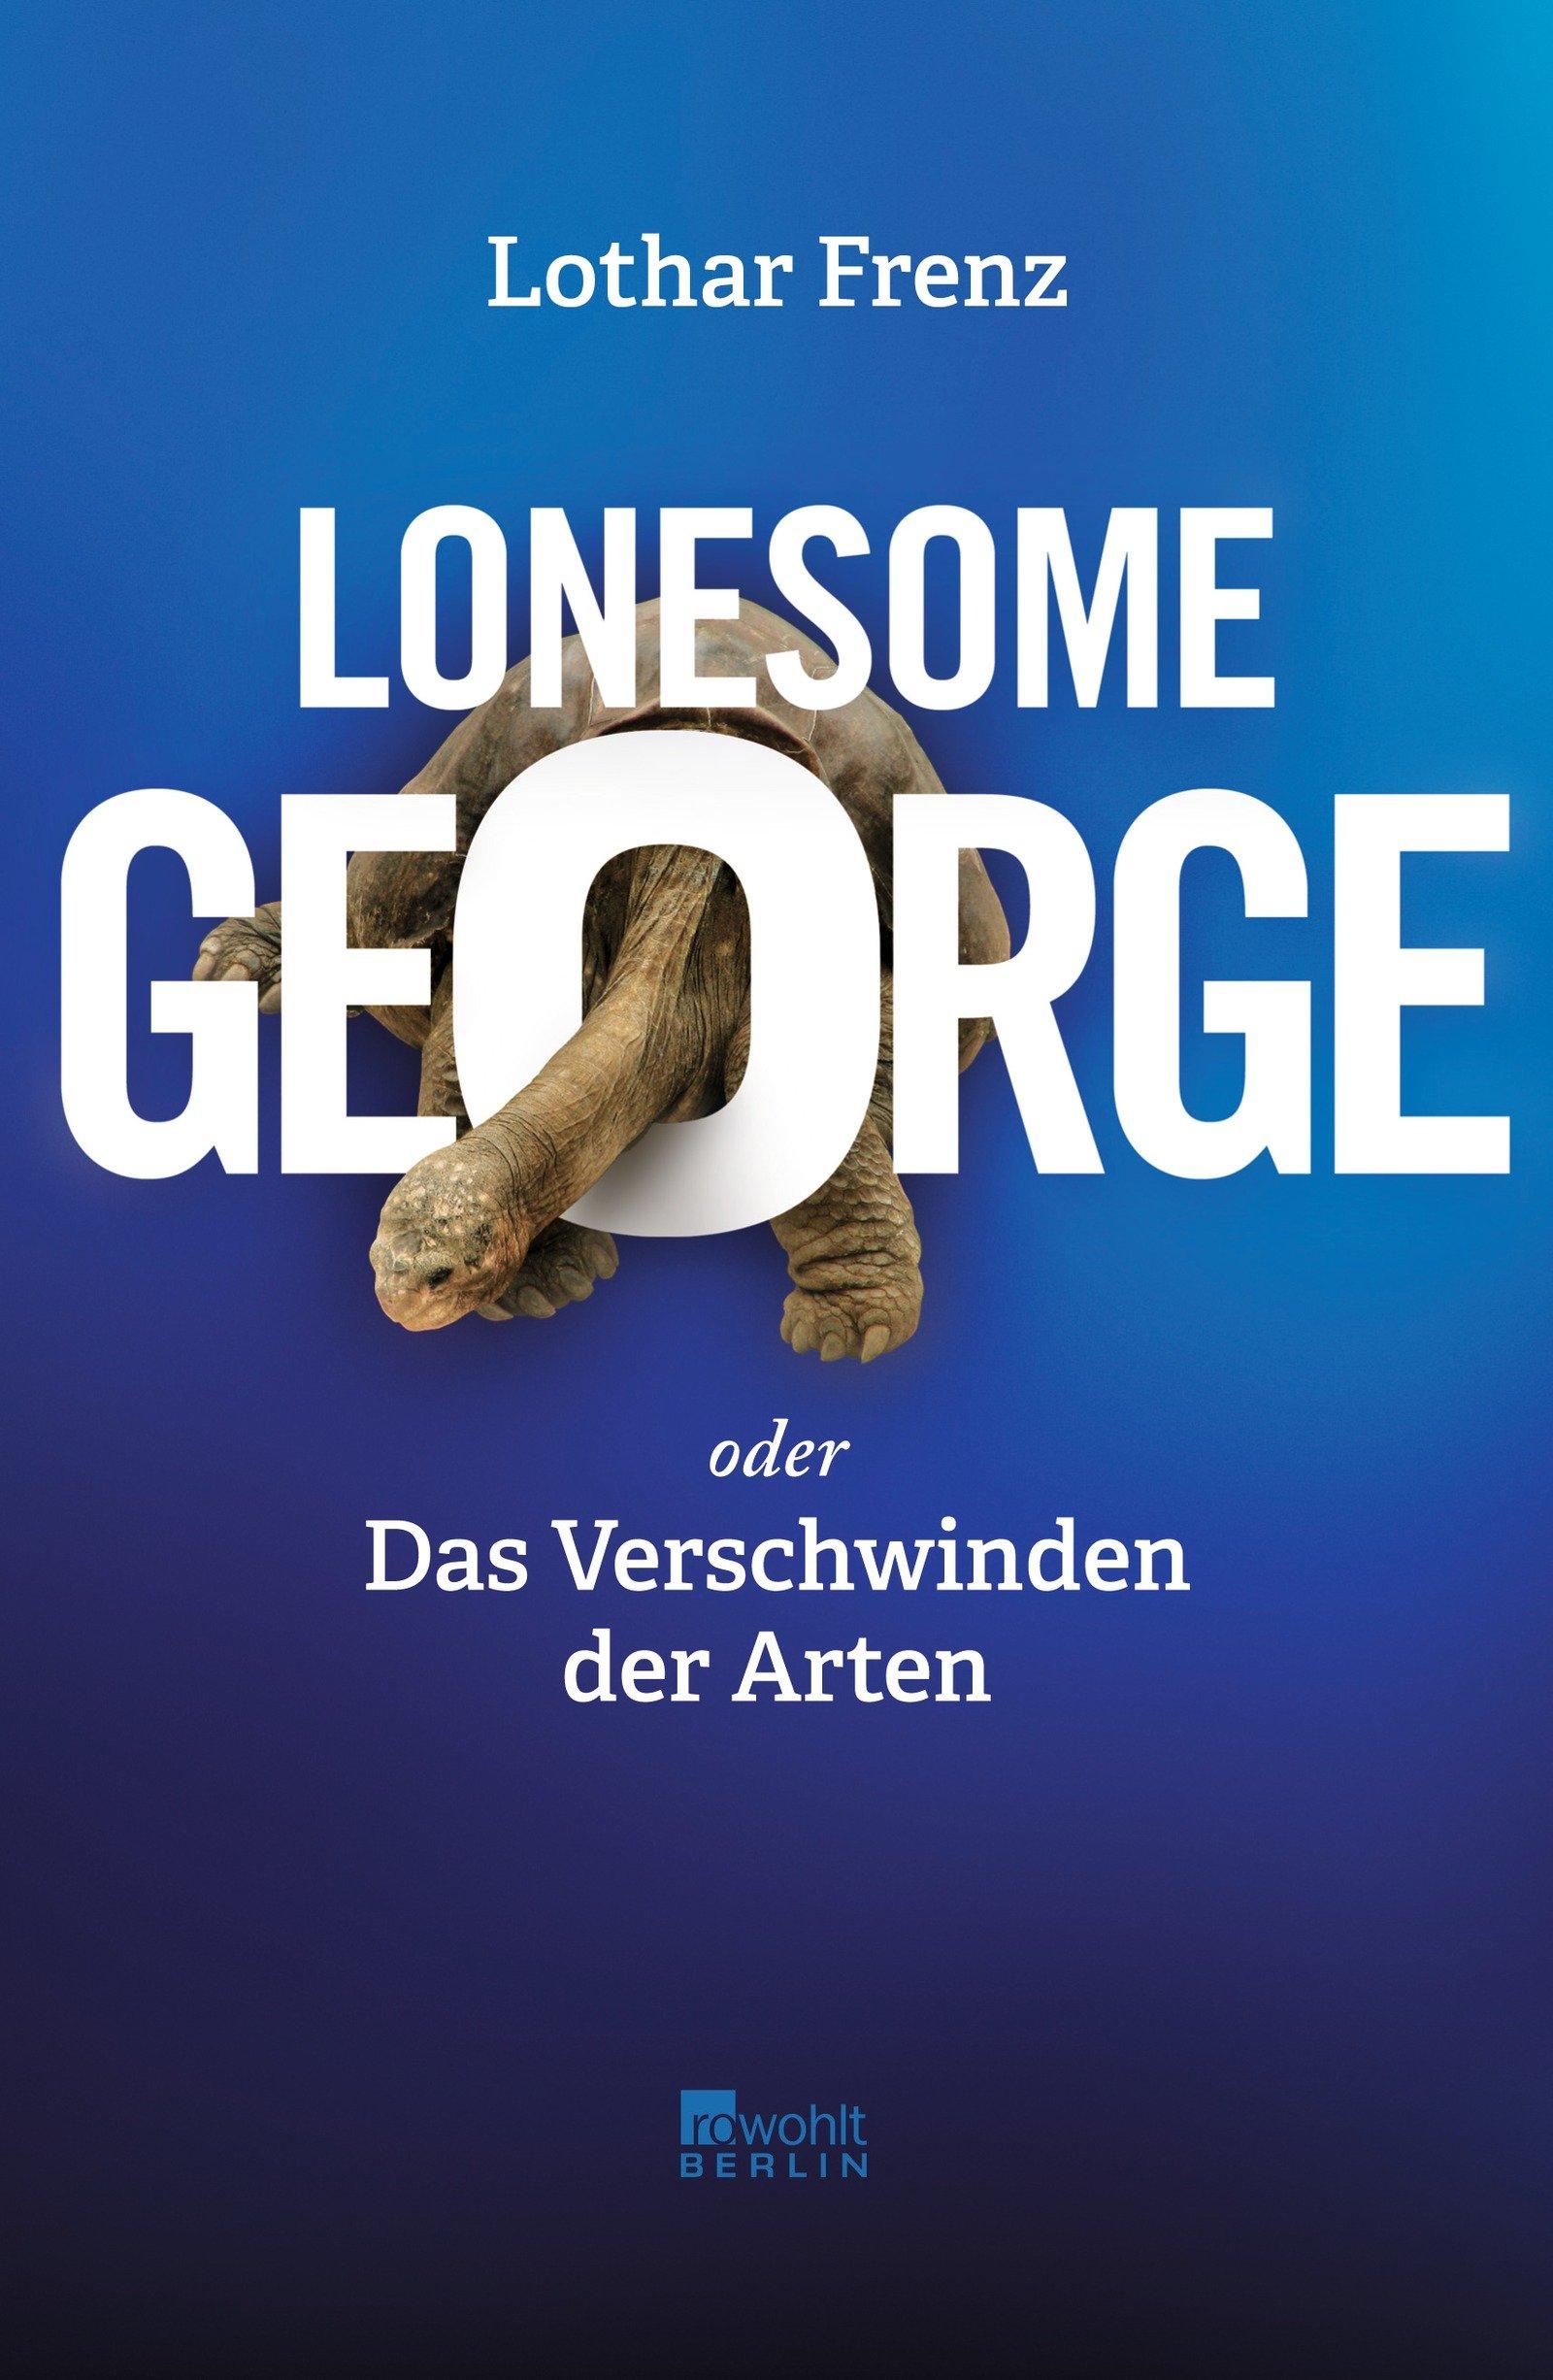 Lonesome George: oder Das Verschwinden der Arten